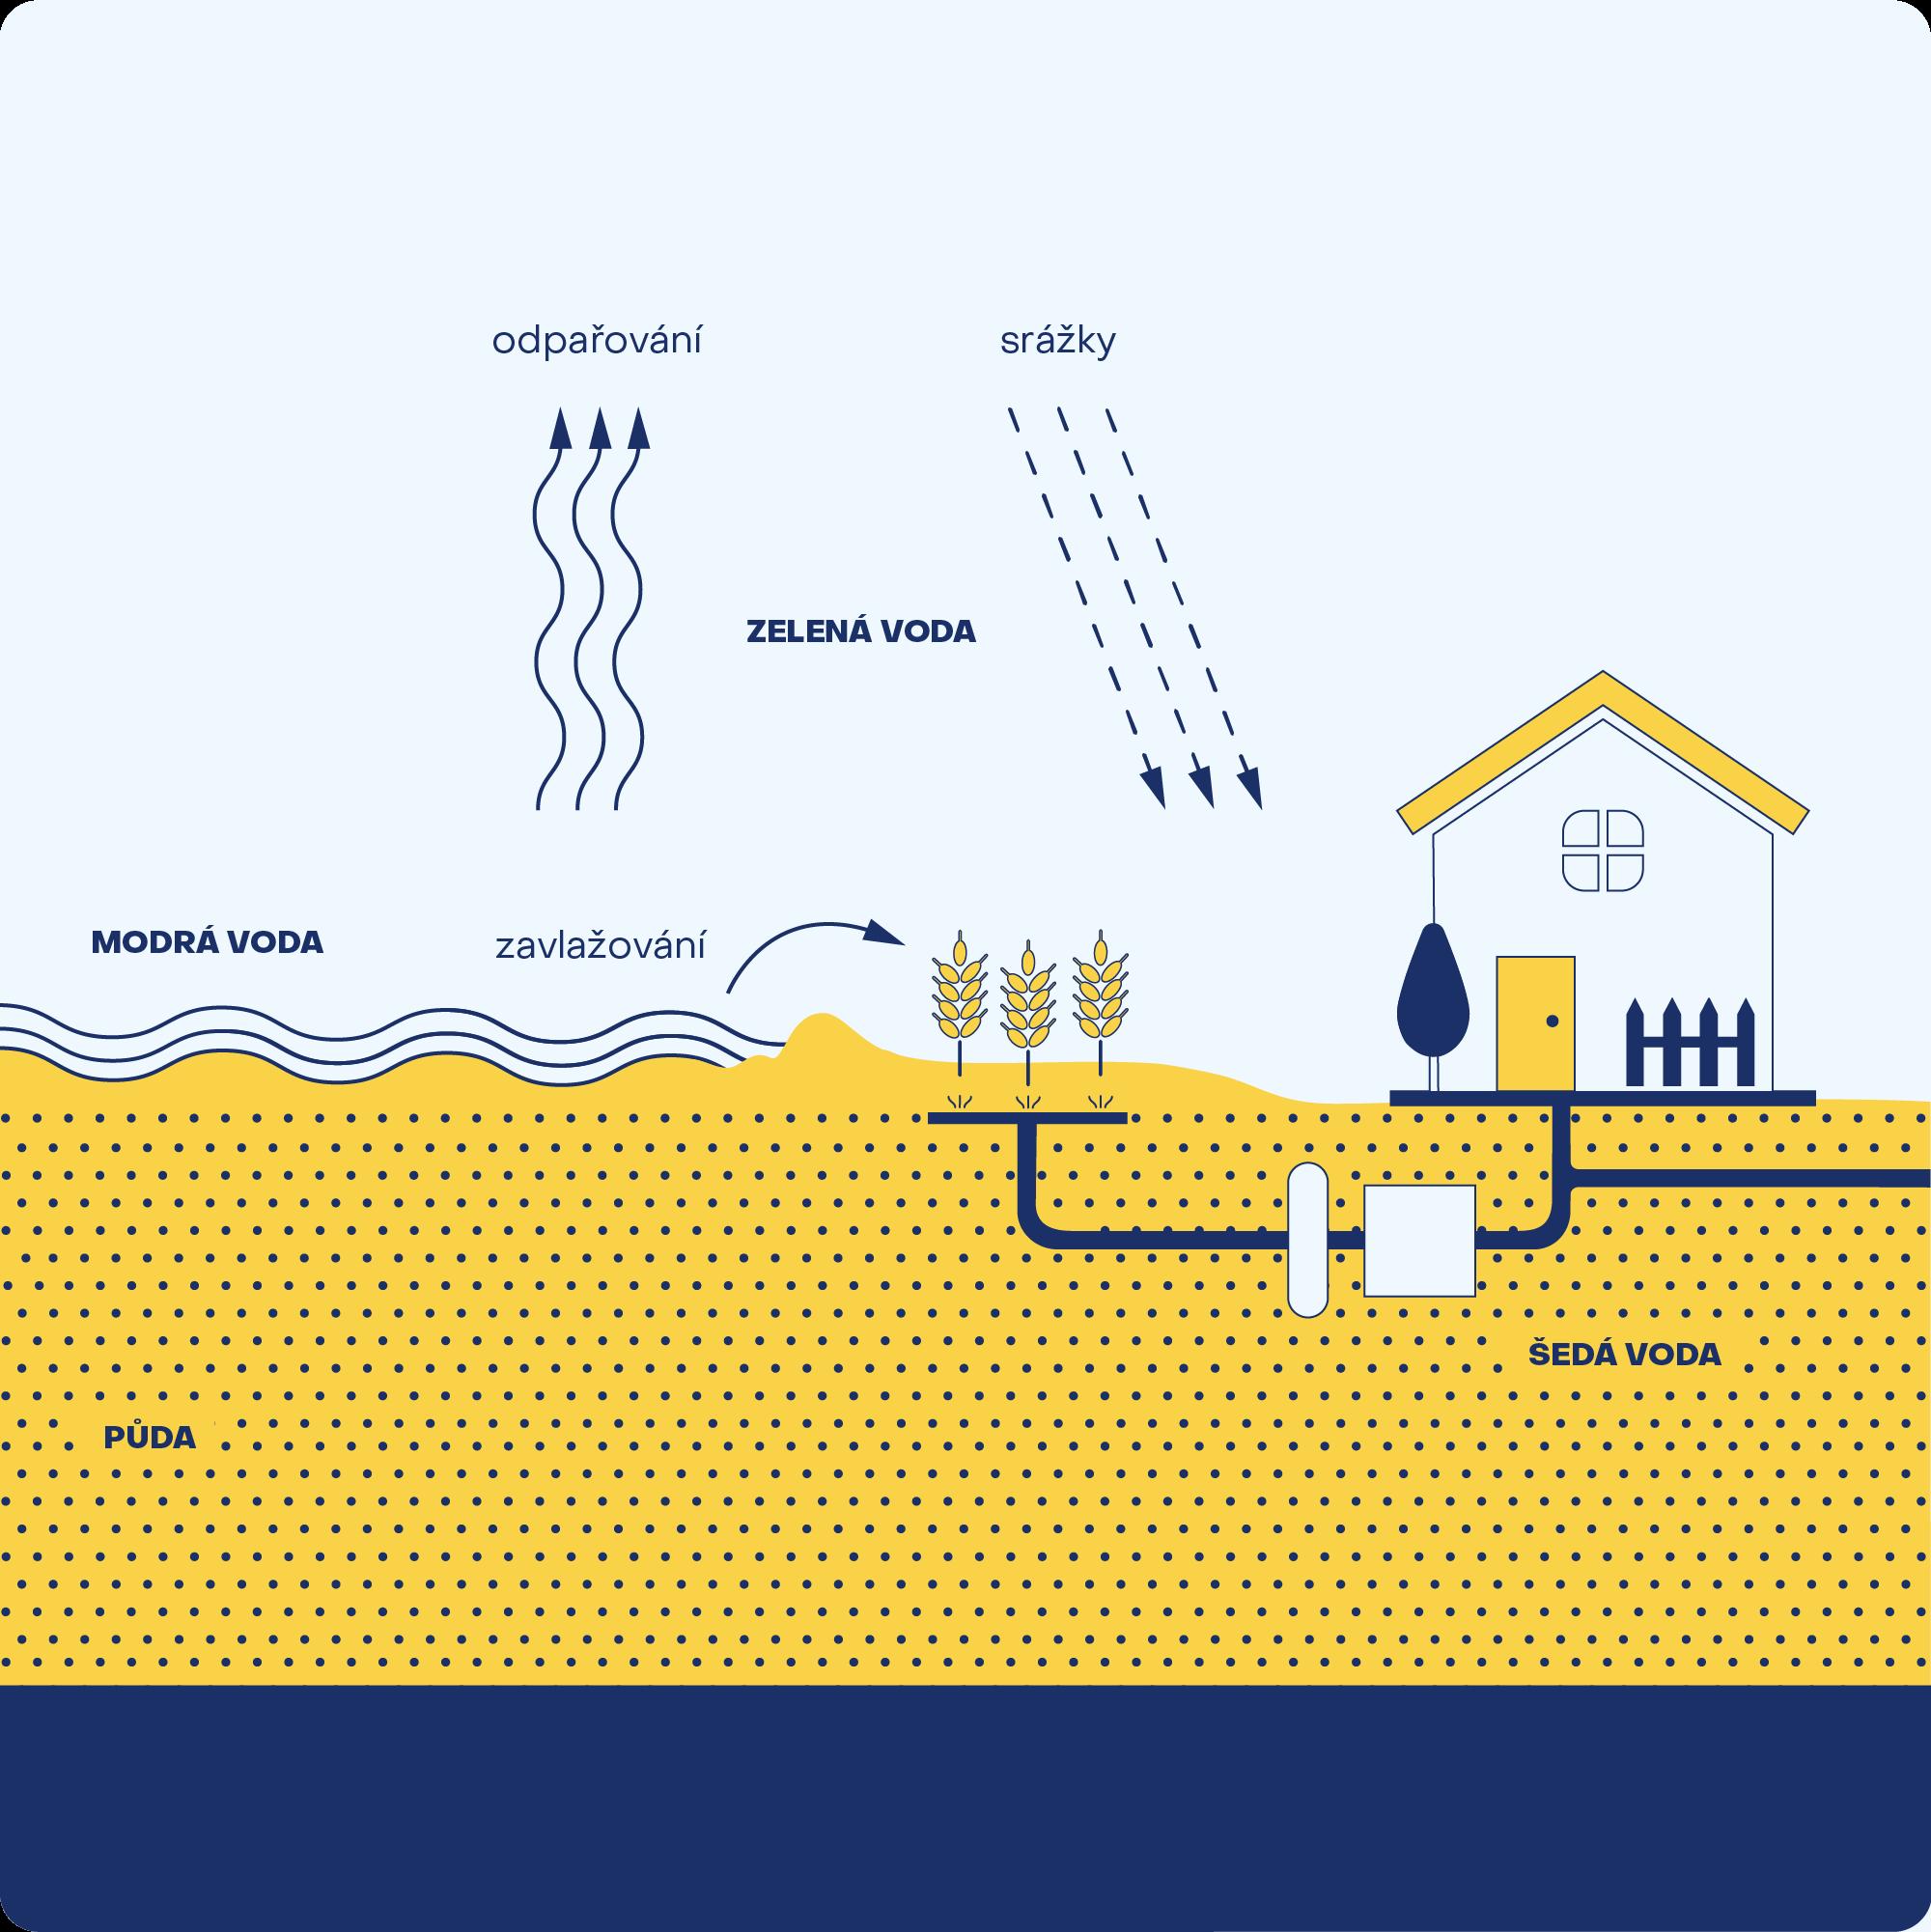 Schéma zachycující modrou, zelenou a šedou vodu v životním prostředí